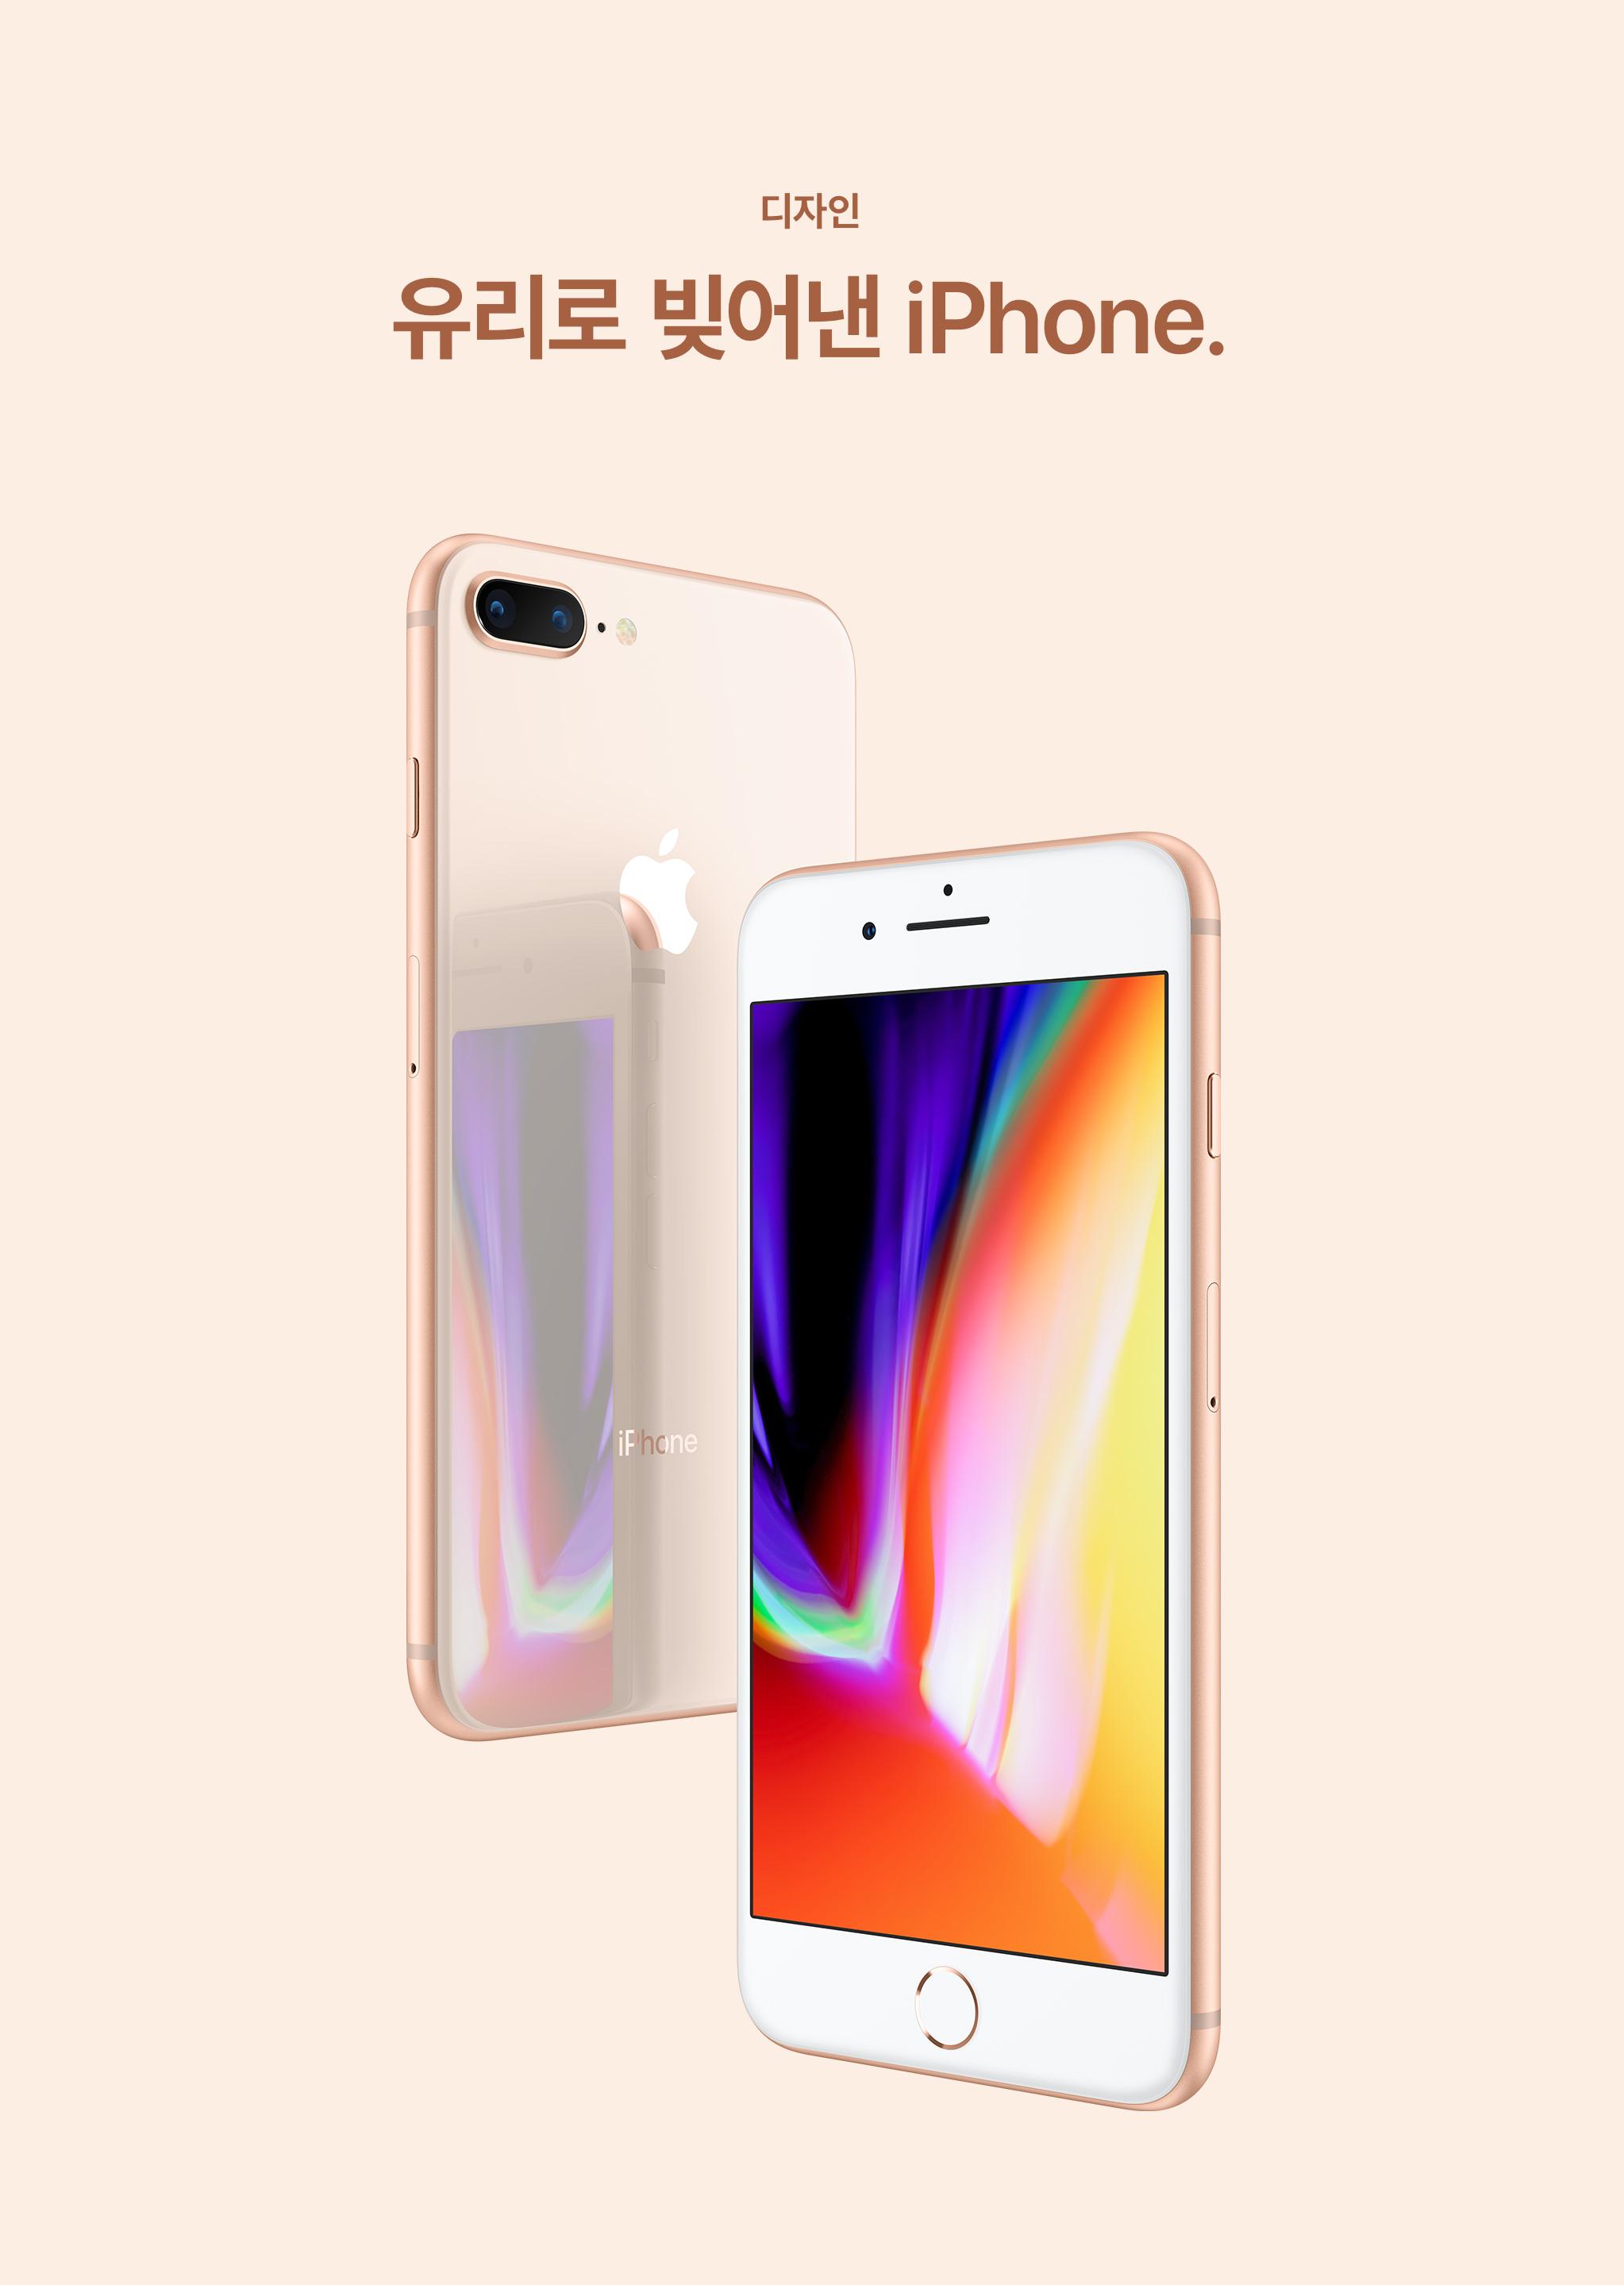 디자인-유리로 빚어낸 iPhone.